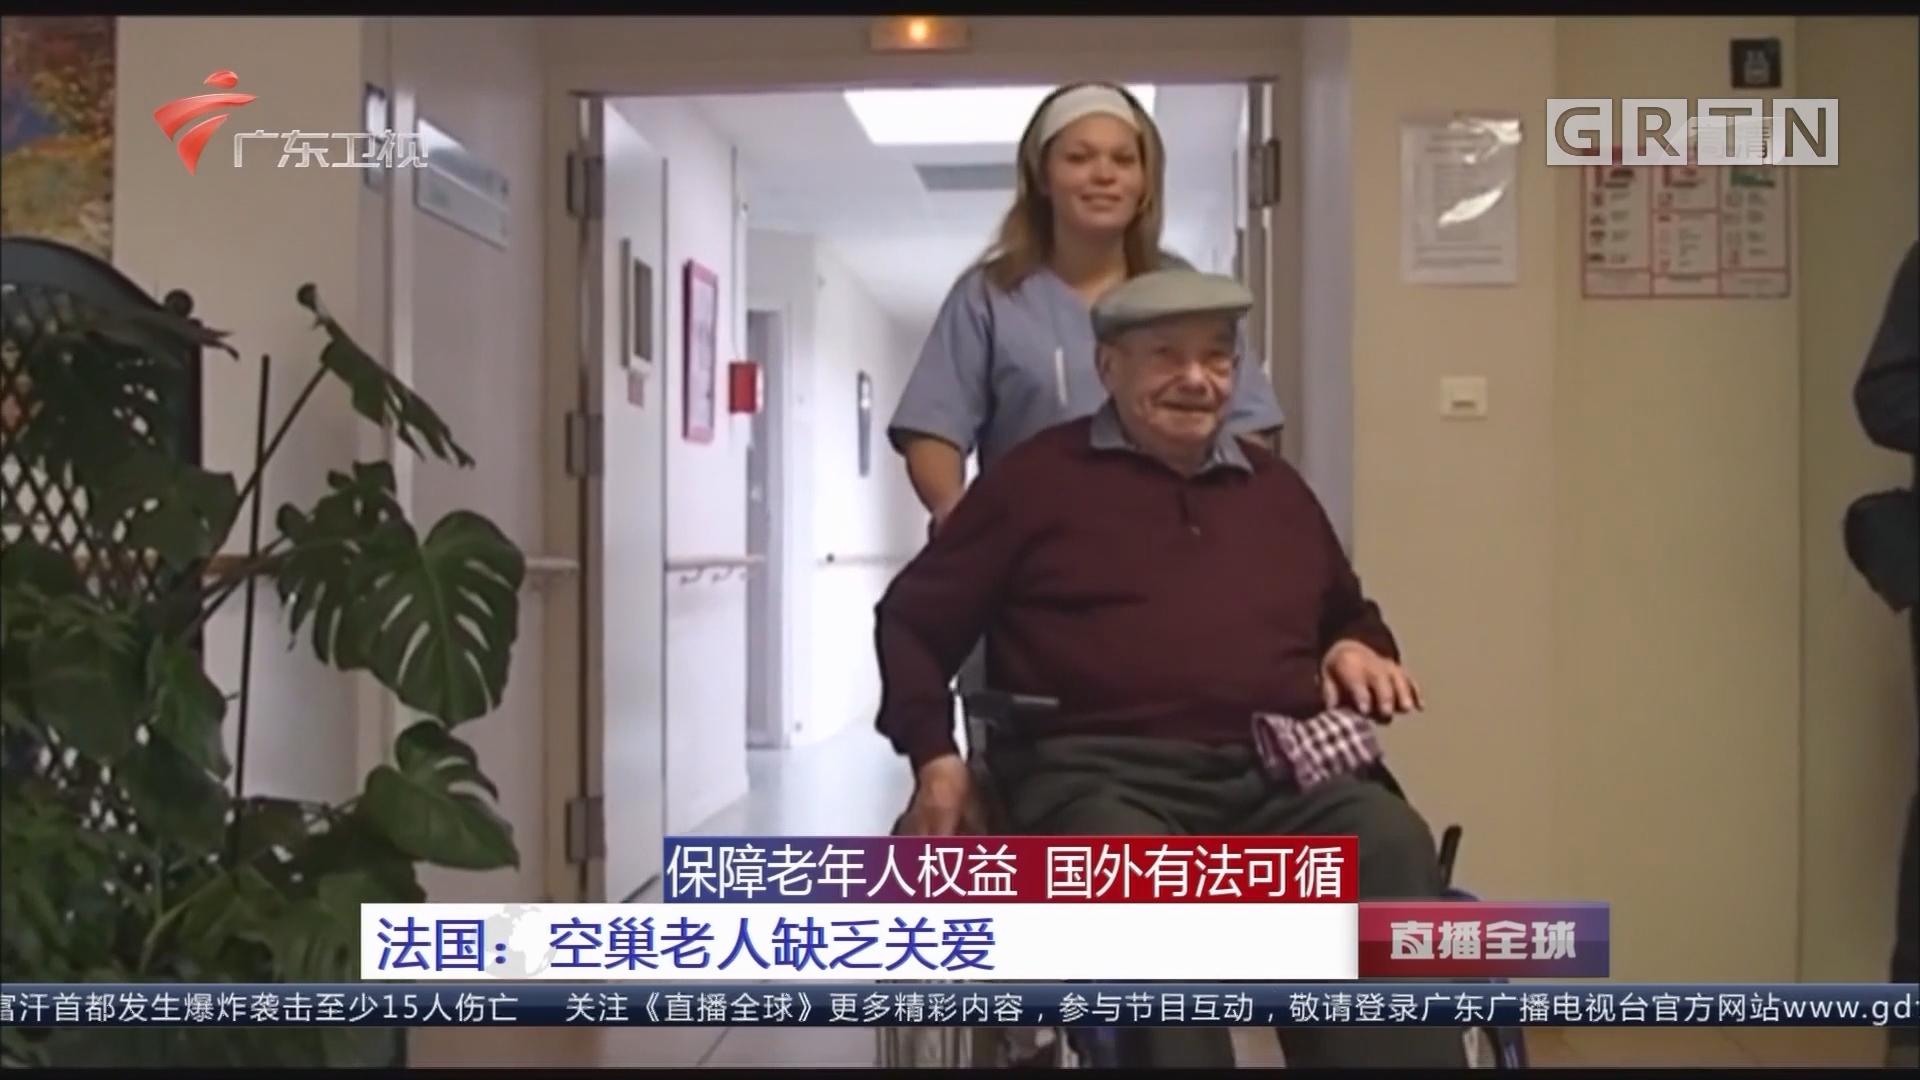 保障老年人权益 国外有法可循 法国:空巢老人缺乏关爱